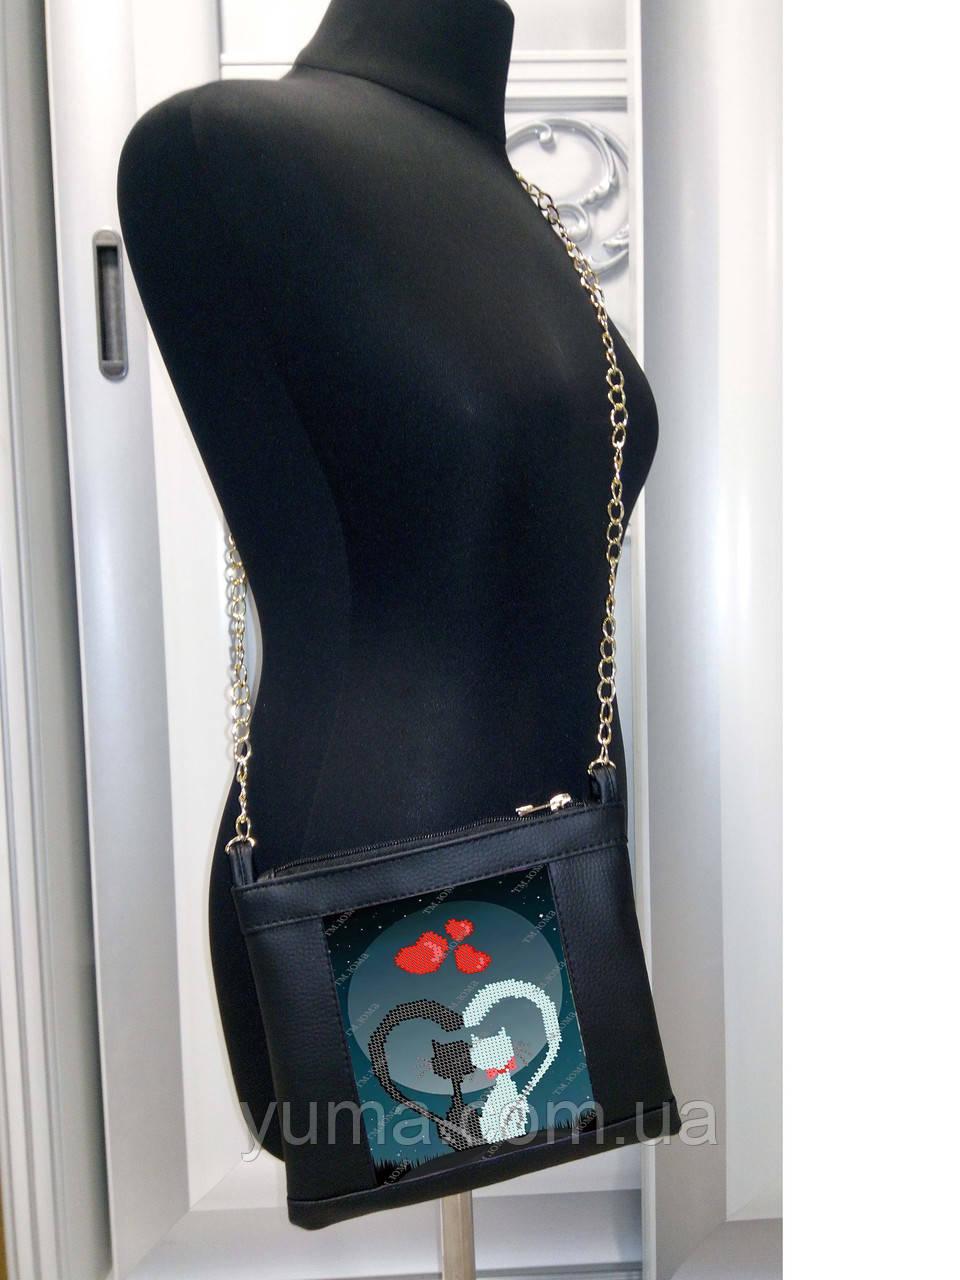 Сумочка детская  для вышивки бисером модель  Мия 9